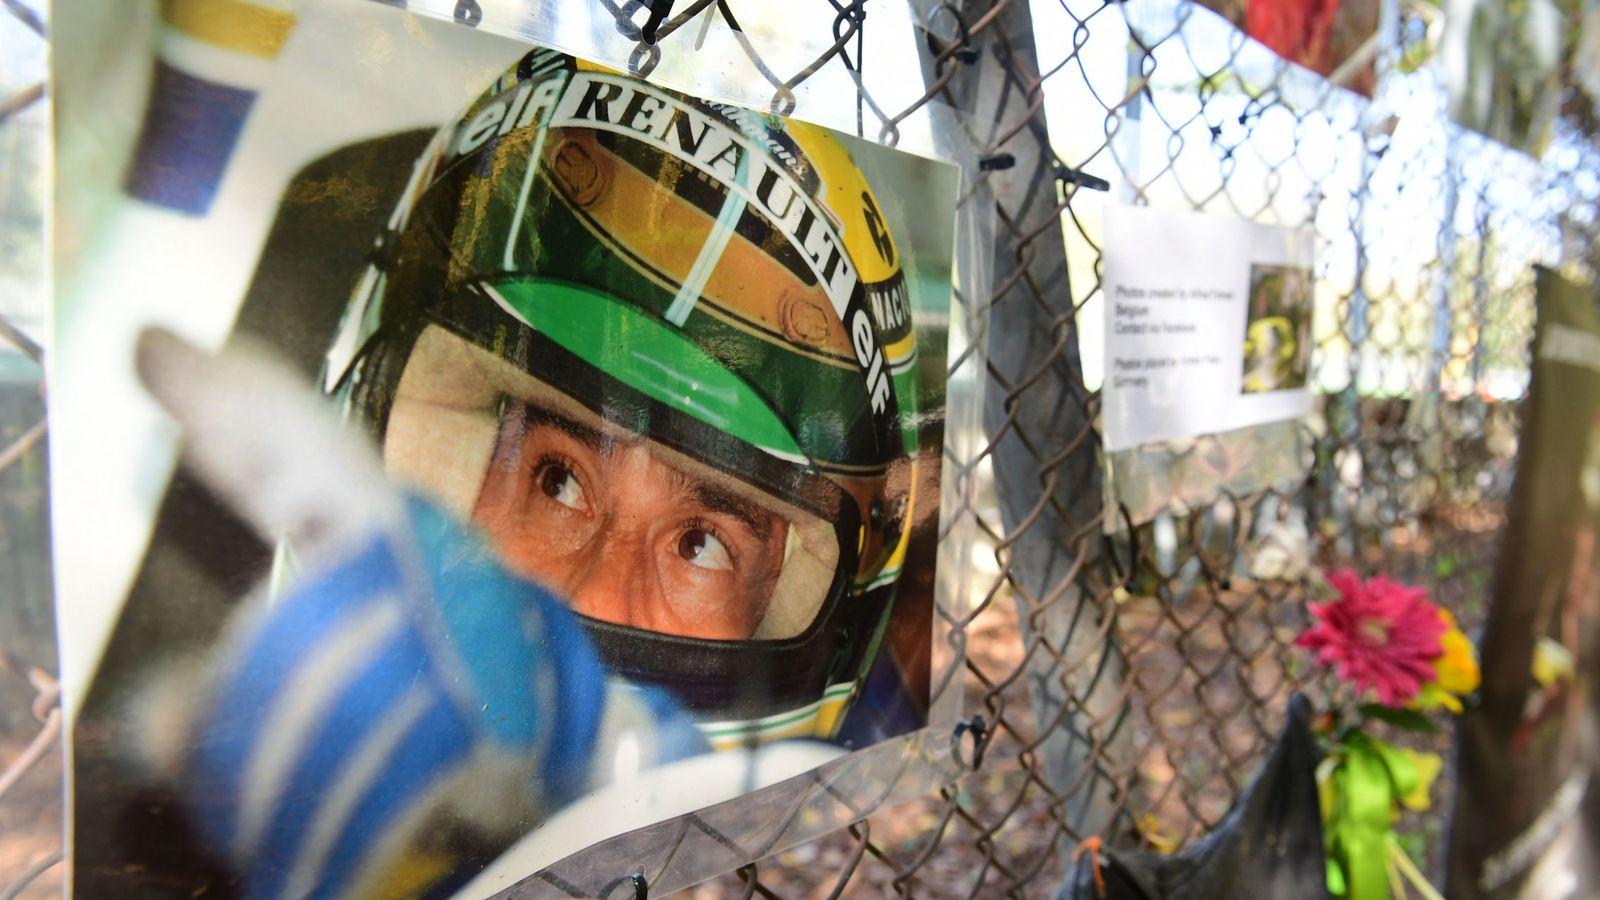 Fórmula 1: Imola, el circuito maldito de Ayrton Senna y odiado por Alan  Jones, el duro entre los duros